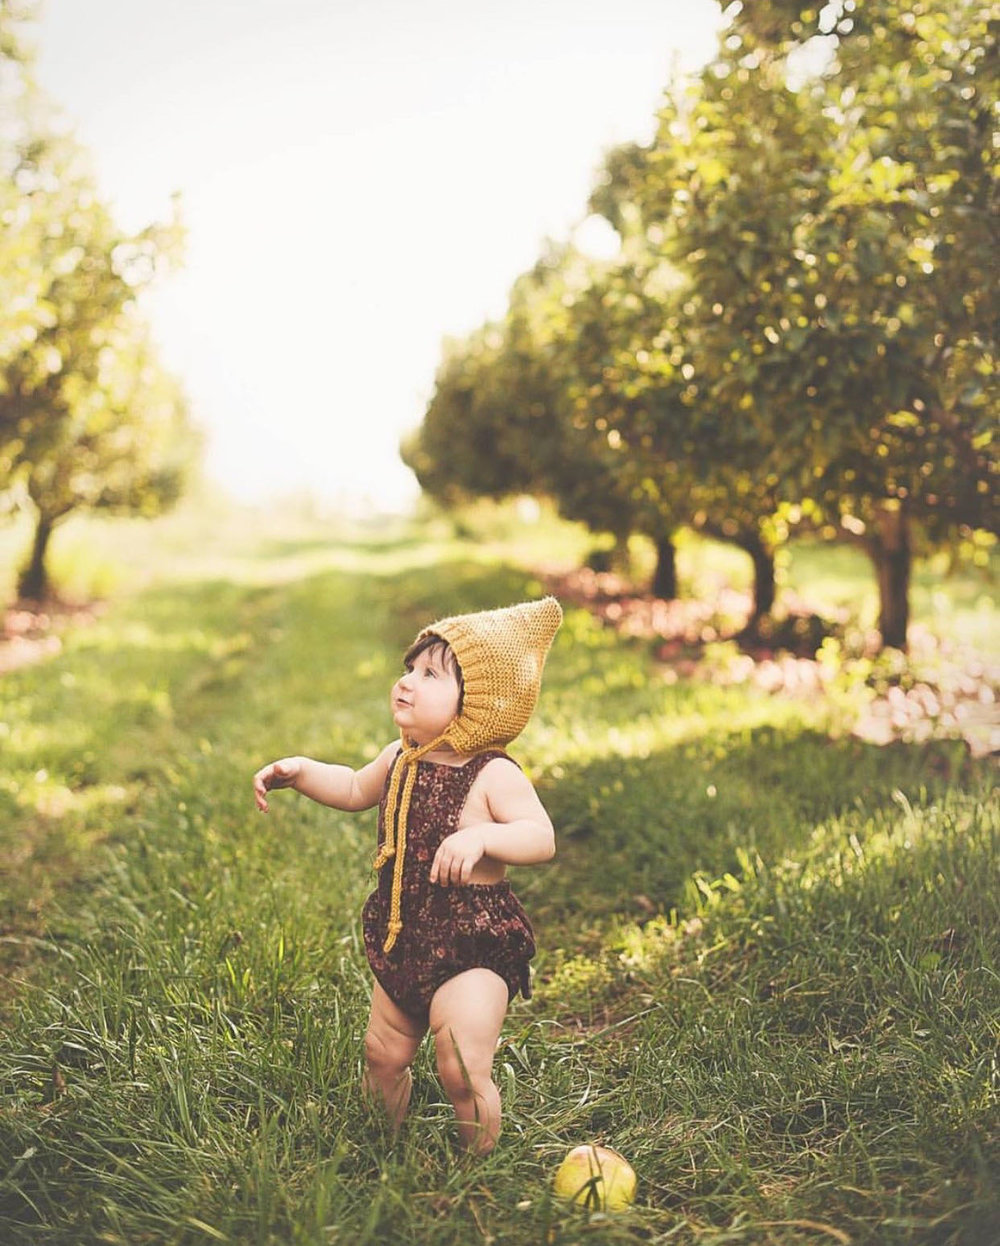 applewinner7.jpg